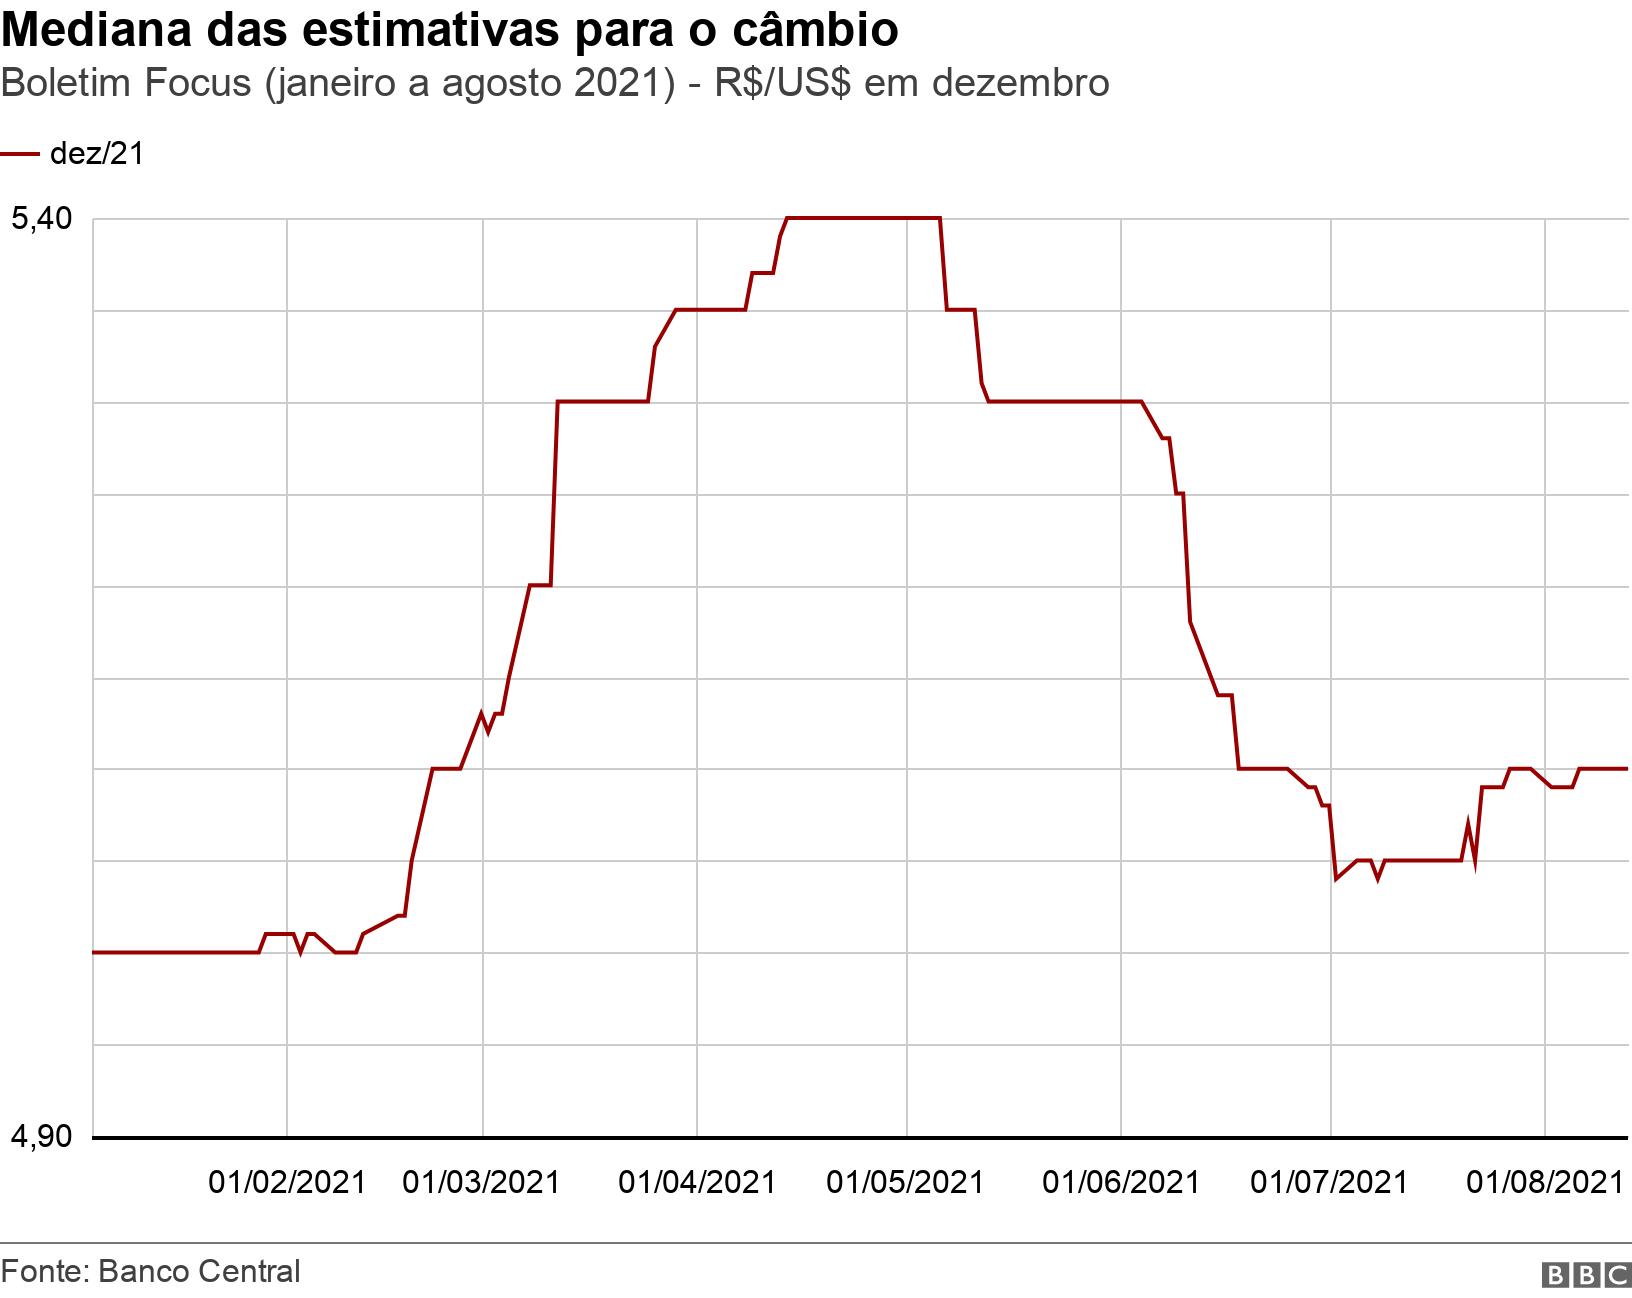 Mediana das estimativas para o câmbio. Boletim Focus (janeiro a agosto 2021) - R$/US$ em dezembro.  .